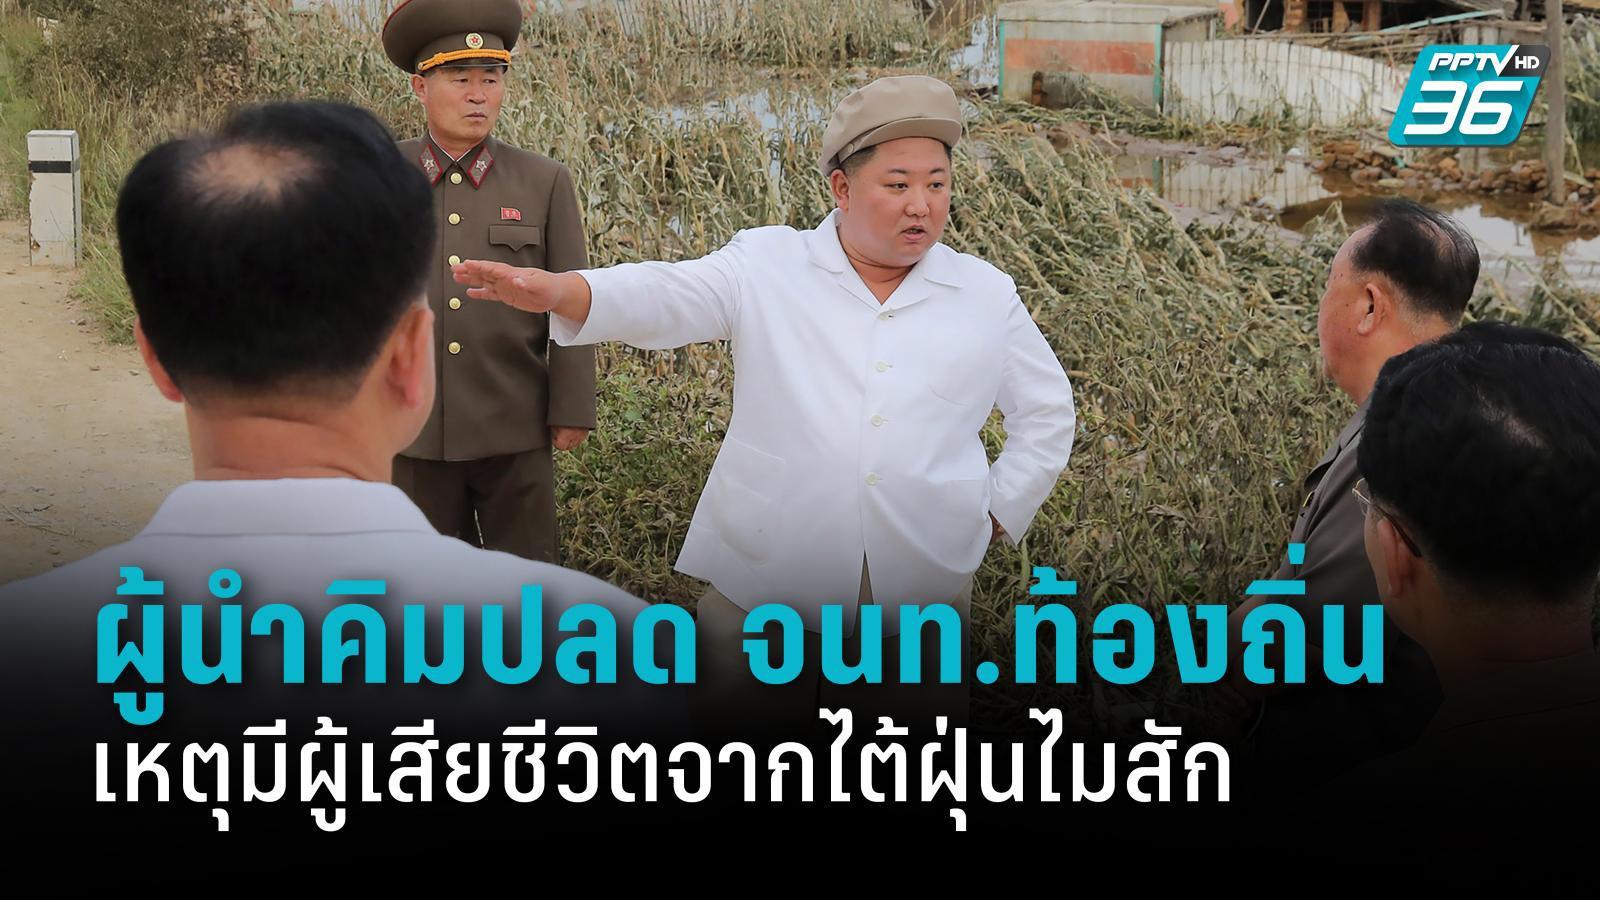 """""""ผู้นำคิม"""" ปลดเจ้าหน้าที่ท้องถิ่น เซ่นกรณีผู้เสียชีวิตจากไต้ฝุ่นไมสัก"""